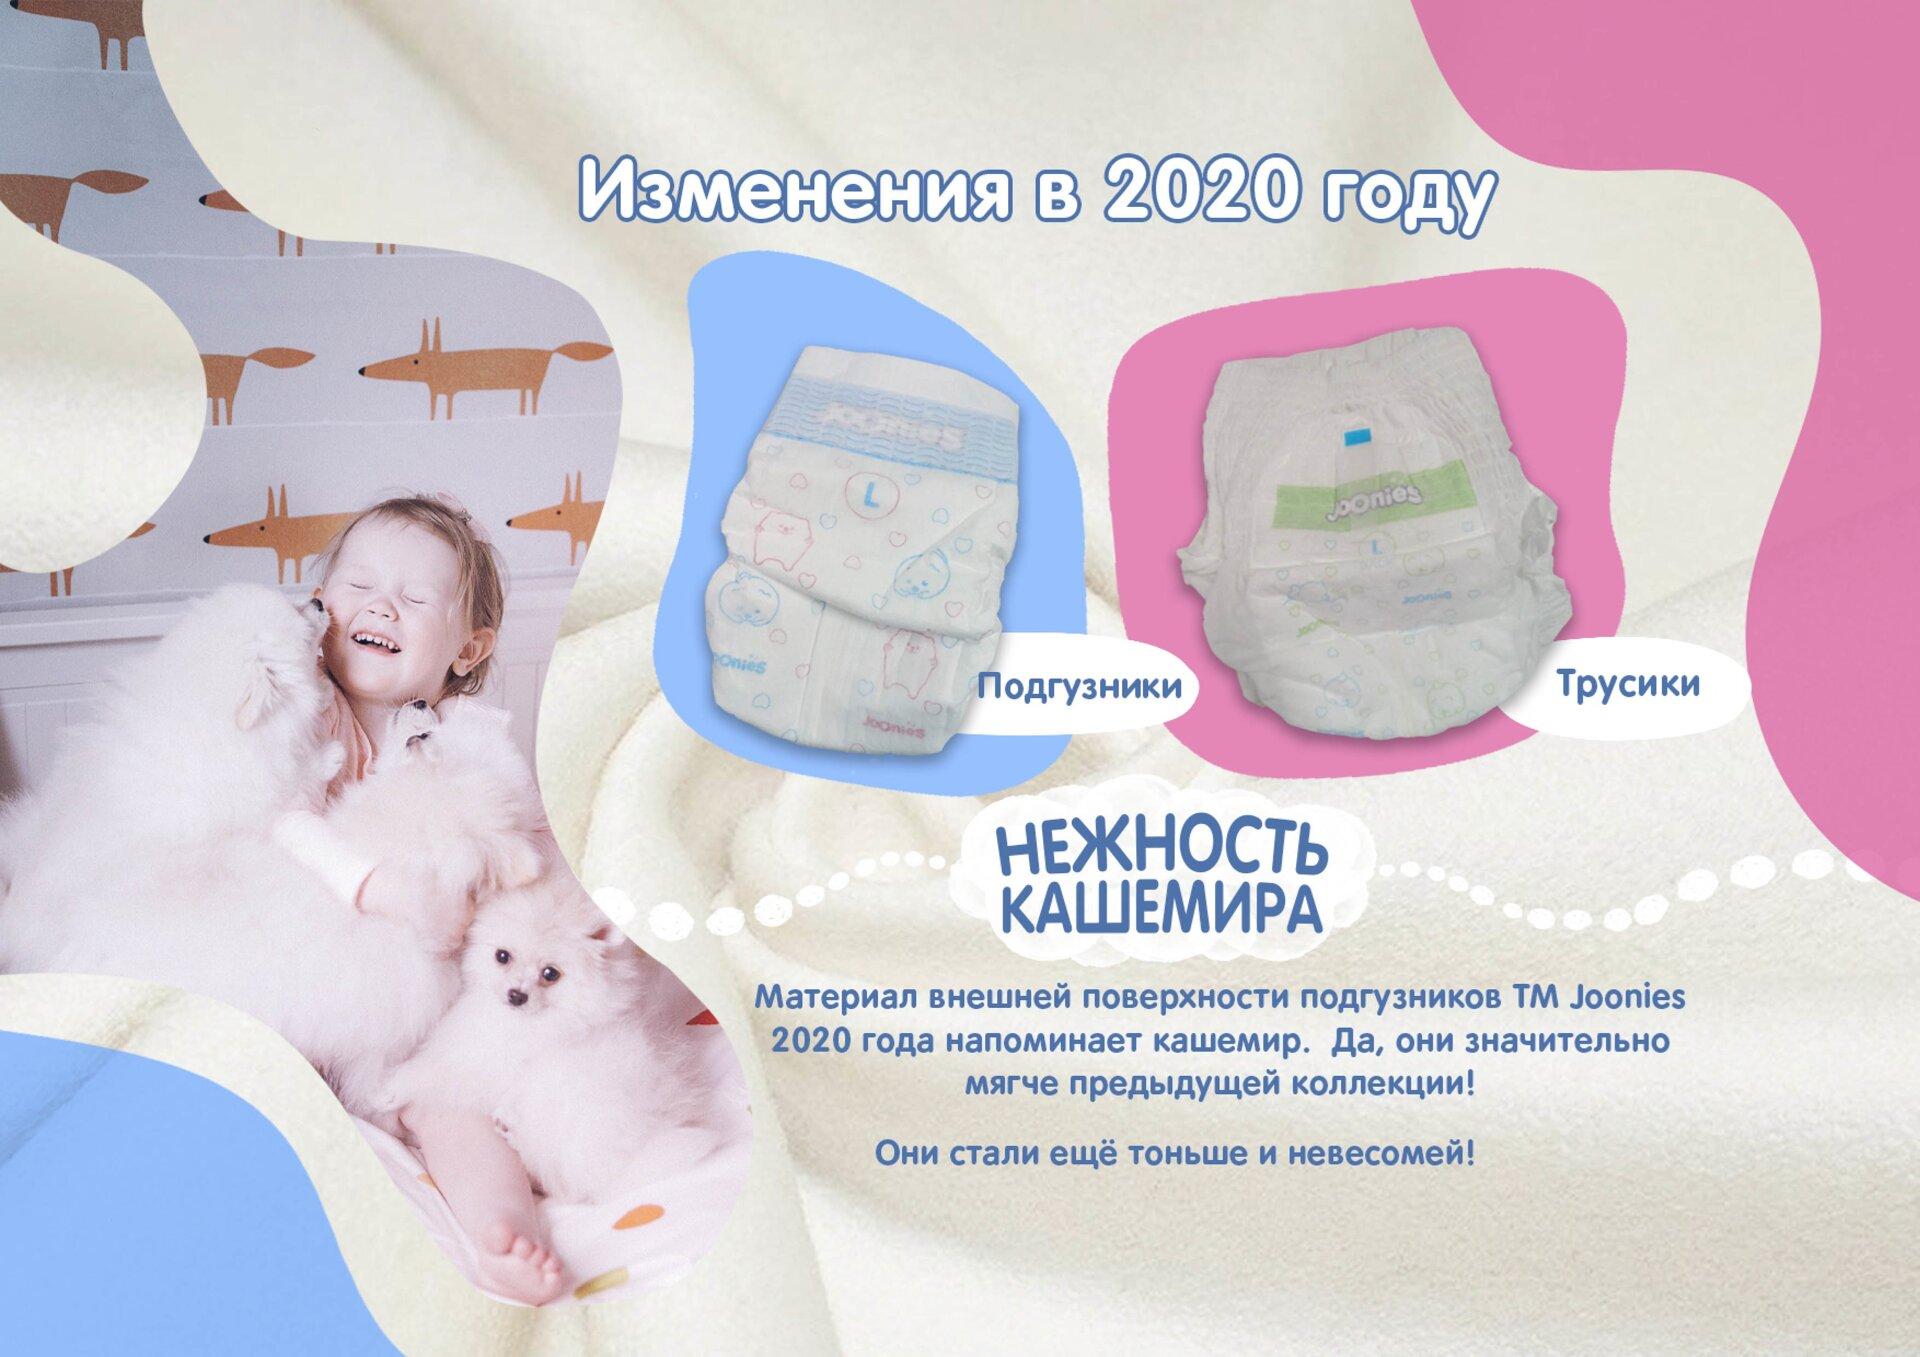 Подгузники Joonies  Premium Soft (Джунис) M (6-11 кг) 58 шт. - фото pic_f23ba8d3f64ca44d5aa85cf4cd6dc2cb_1920x9000_1.png